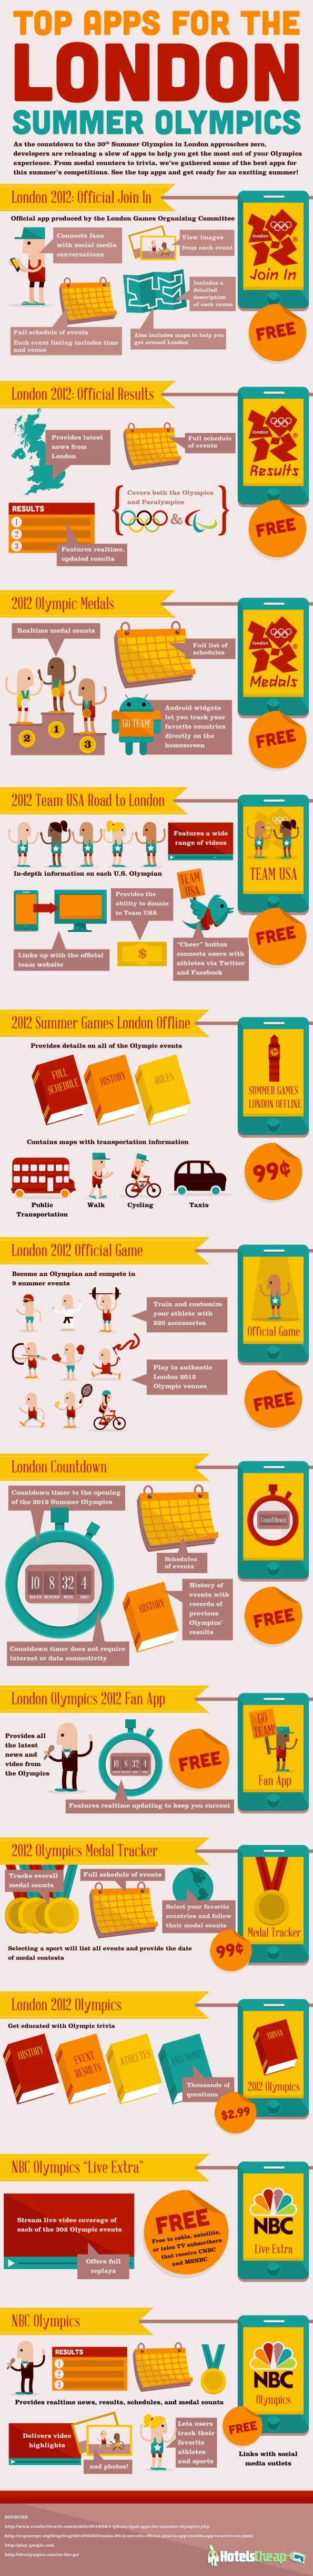 Aplicaciones para seguir los Juegos Olímpicos de Londres 2012